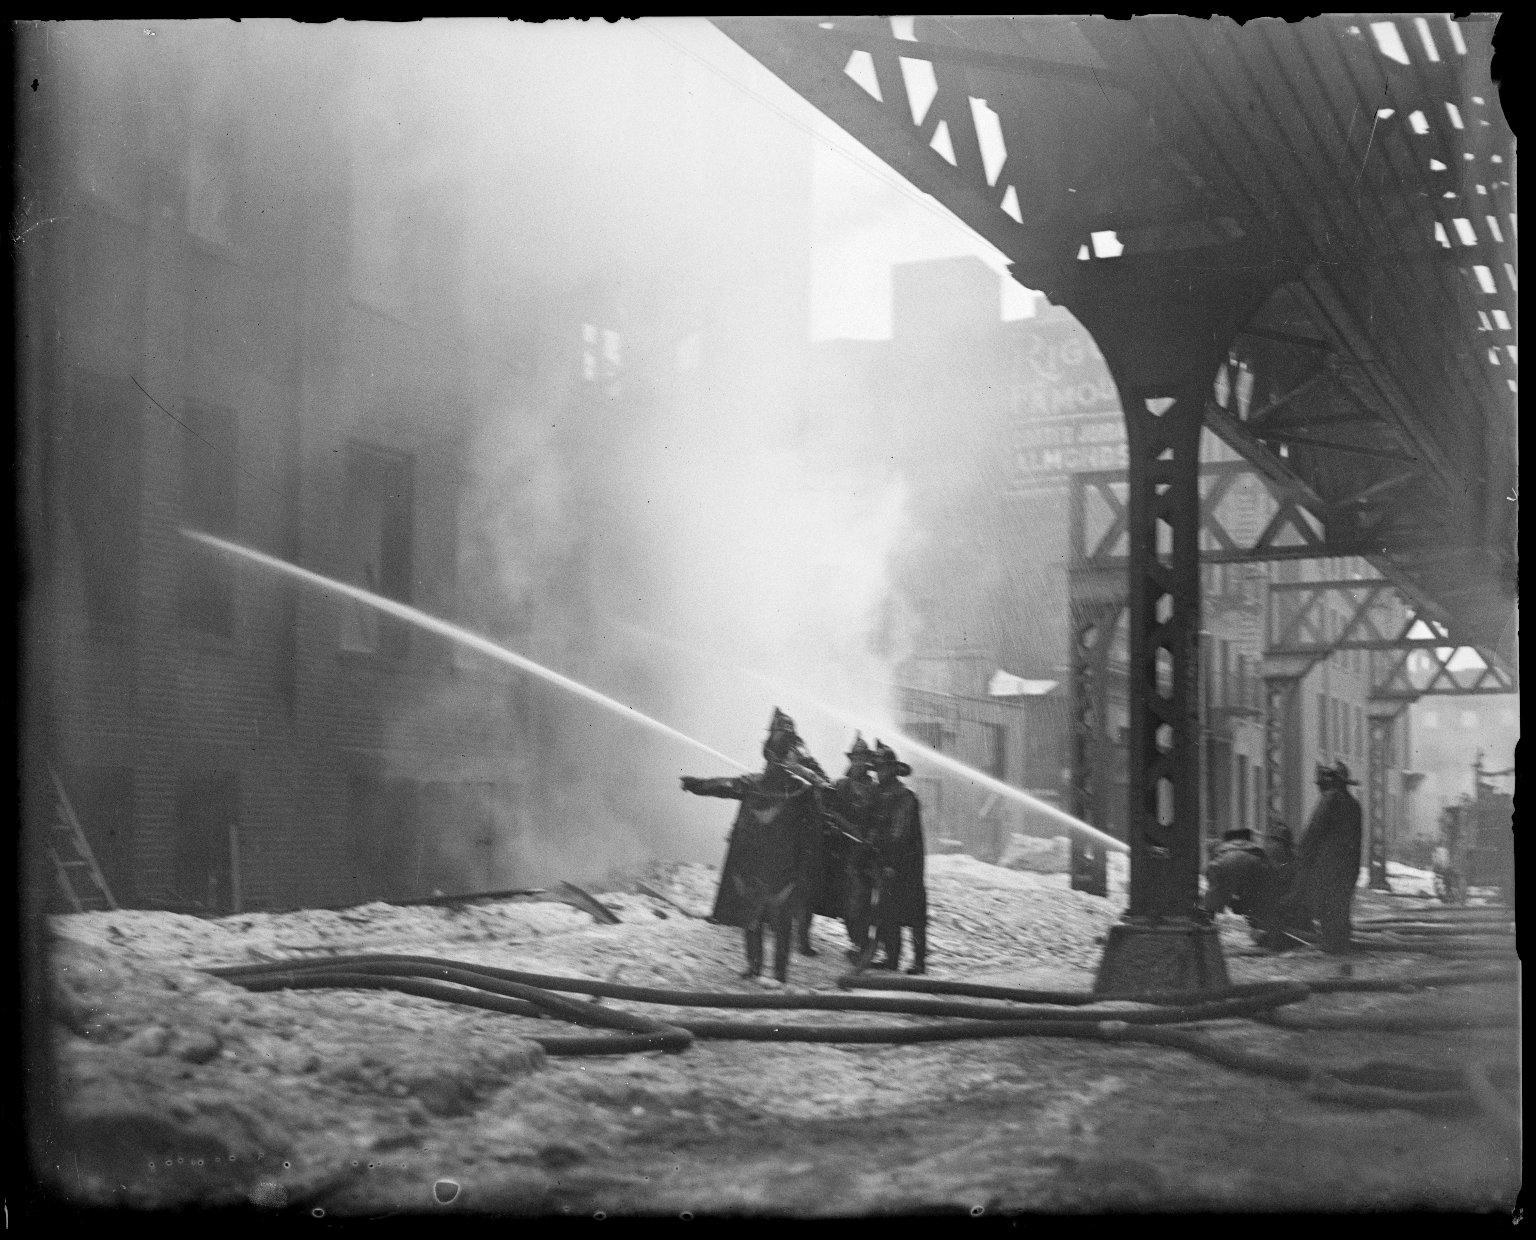 Тушение пожара. Нью-Йорк, США. 1930-е